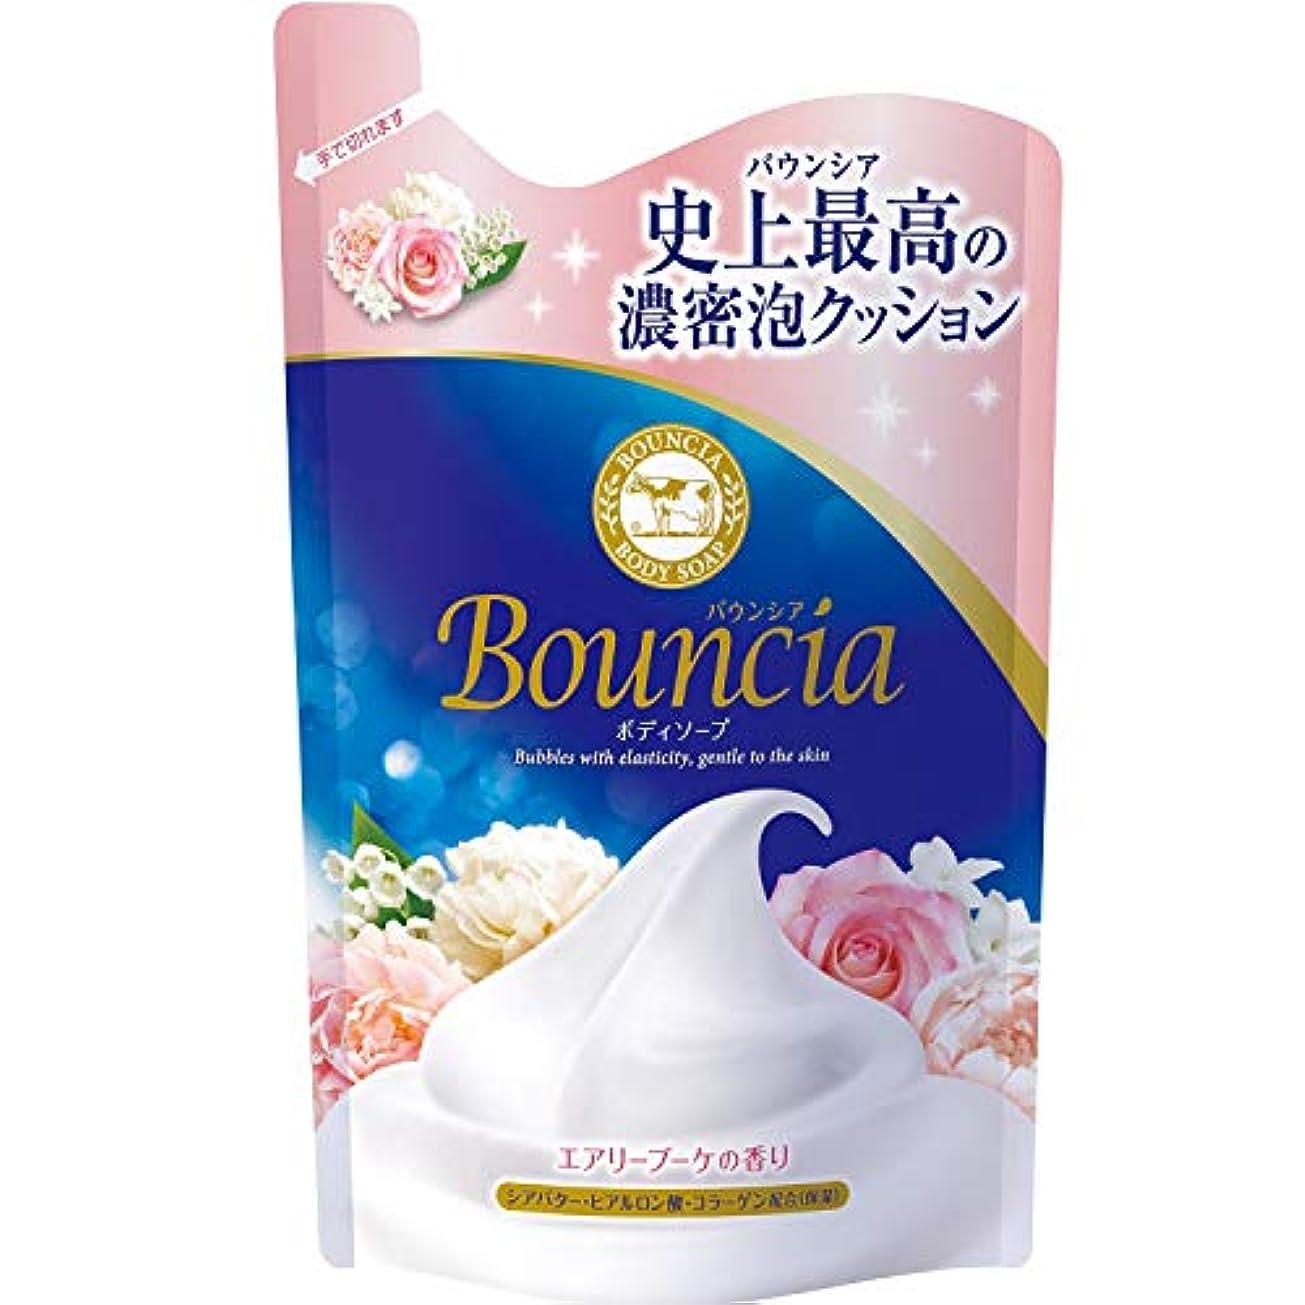 カポック便益自伝バウンシア ボディソープ エアリーブーケの香り 詰替 400mL